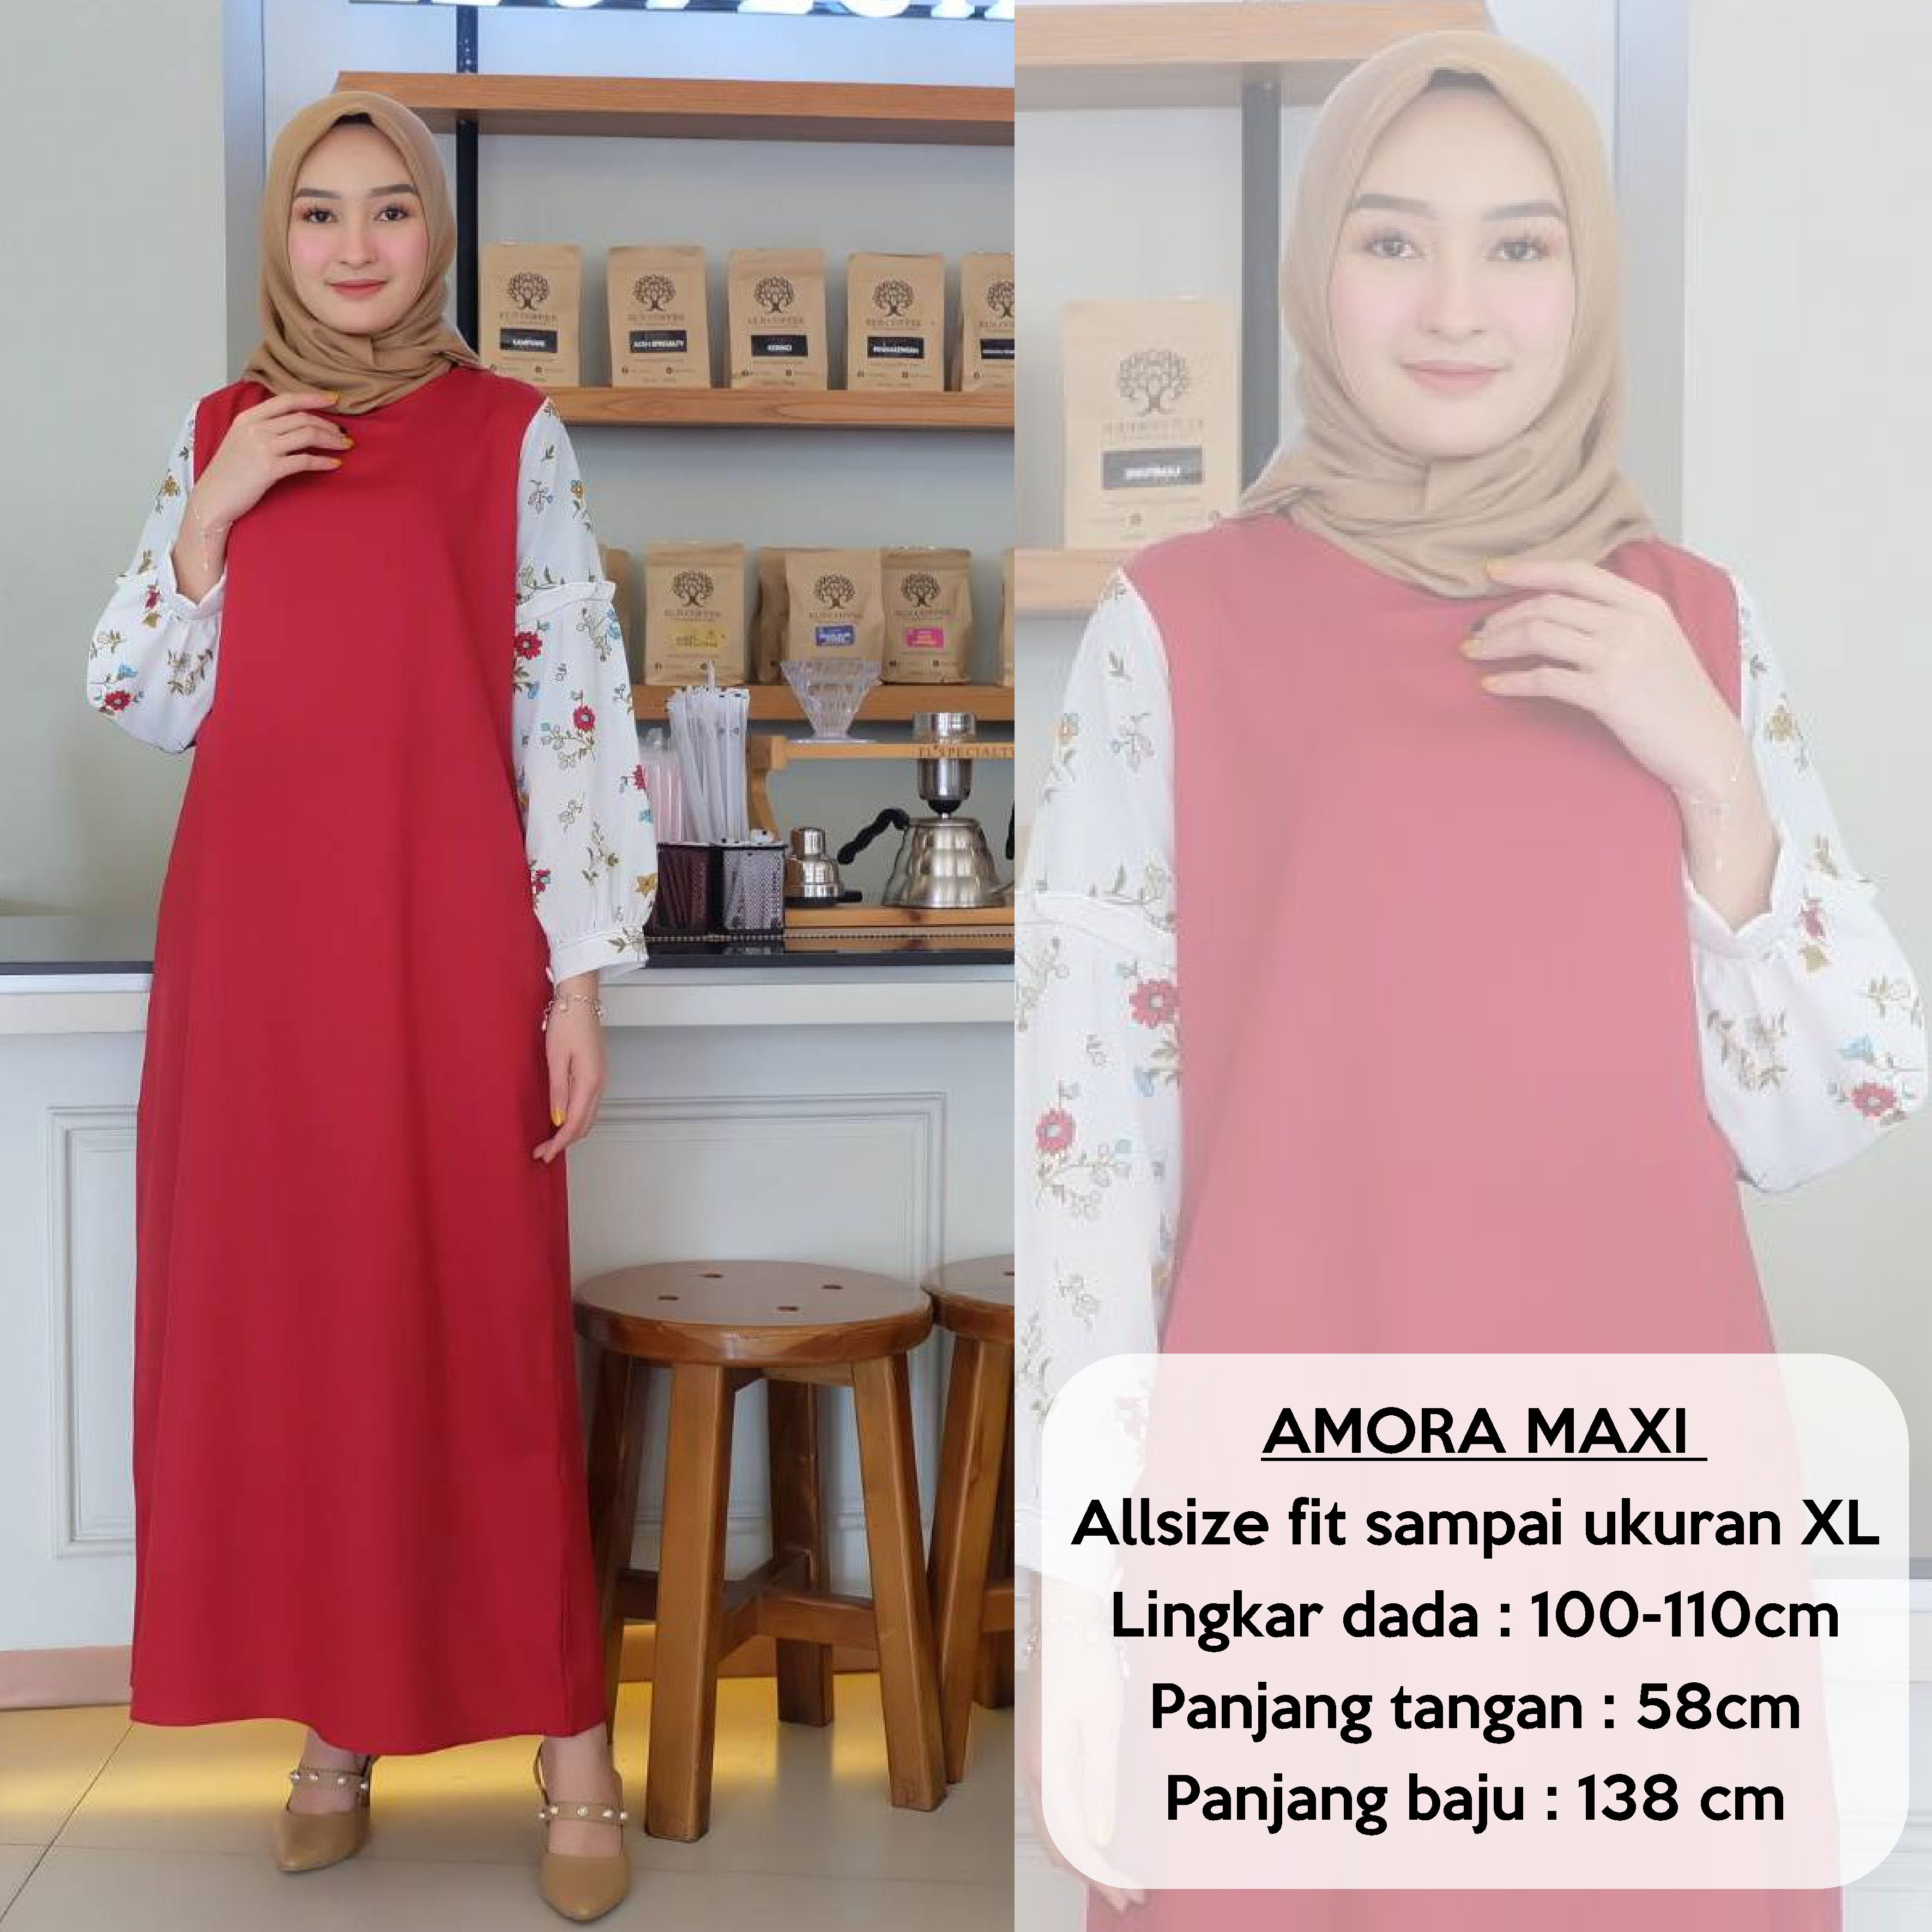 Gamis Remaja Kekinian  Pakaian Muslimah Wanita  Jubah Wanita Terbaru   Fashion Abaya Amora Maxi